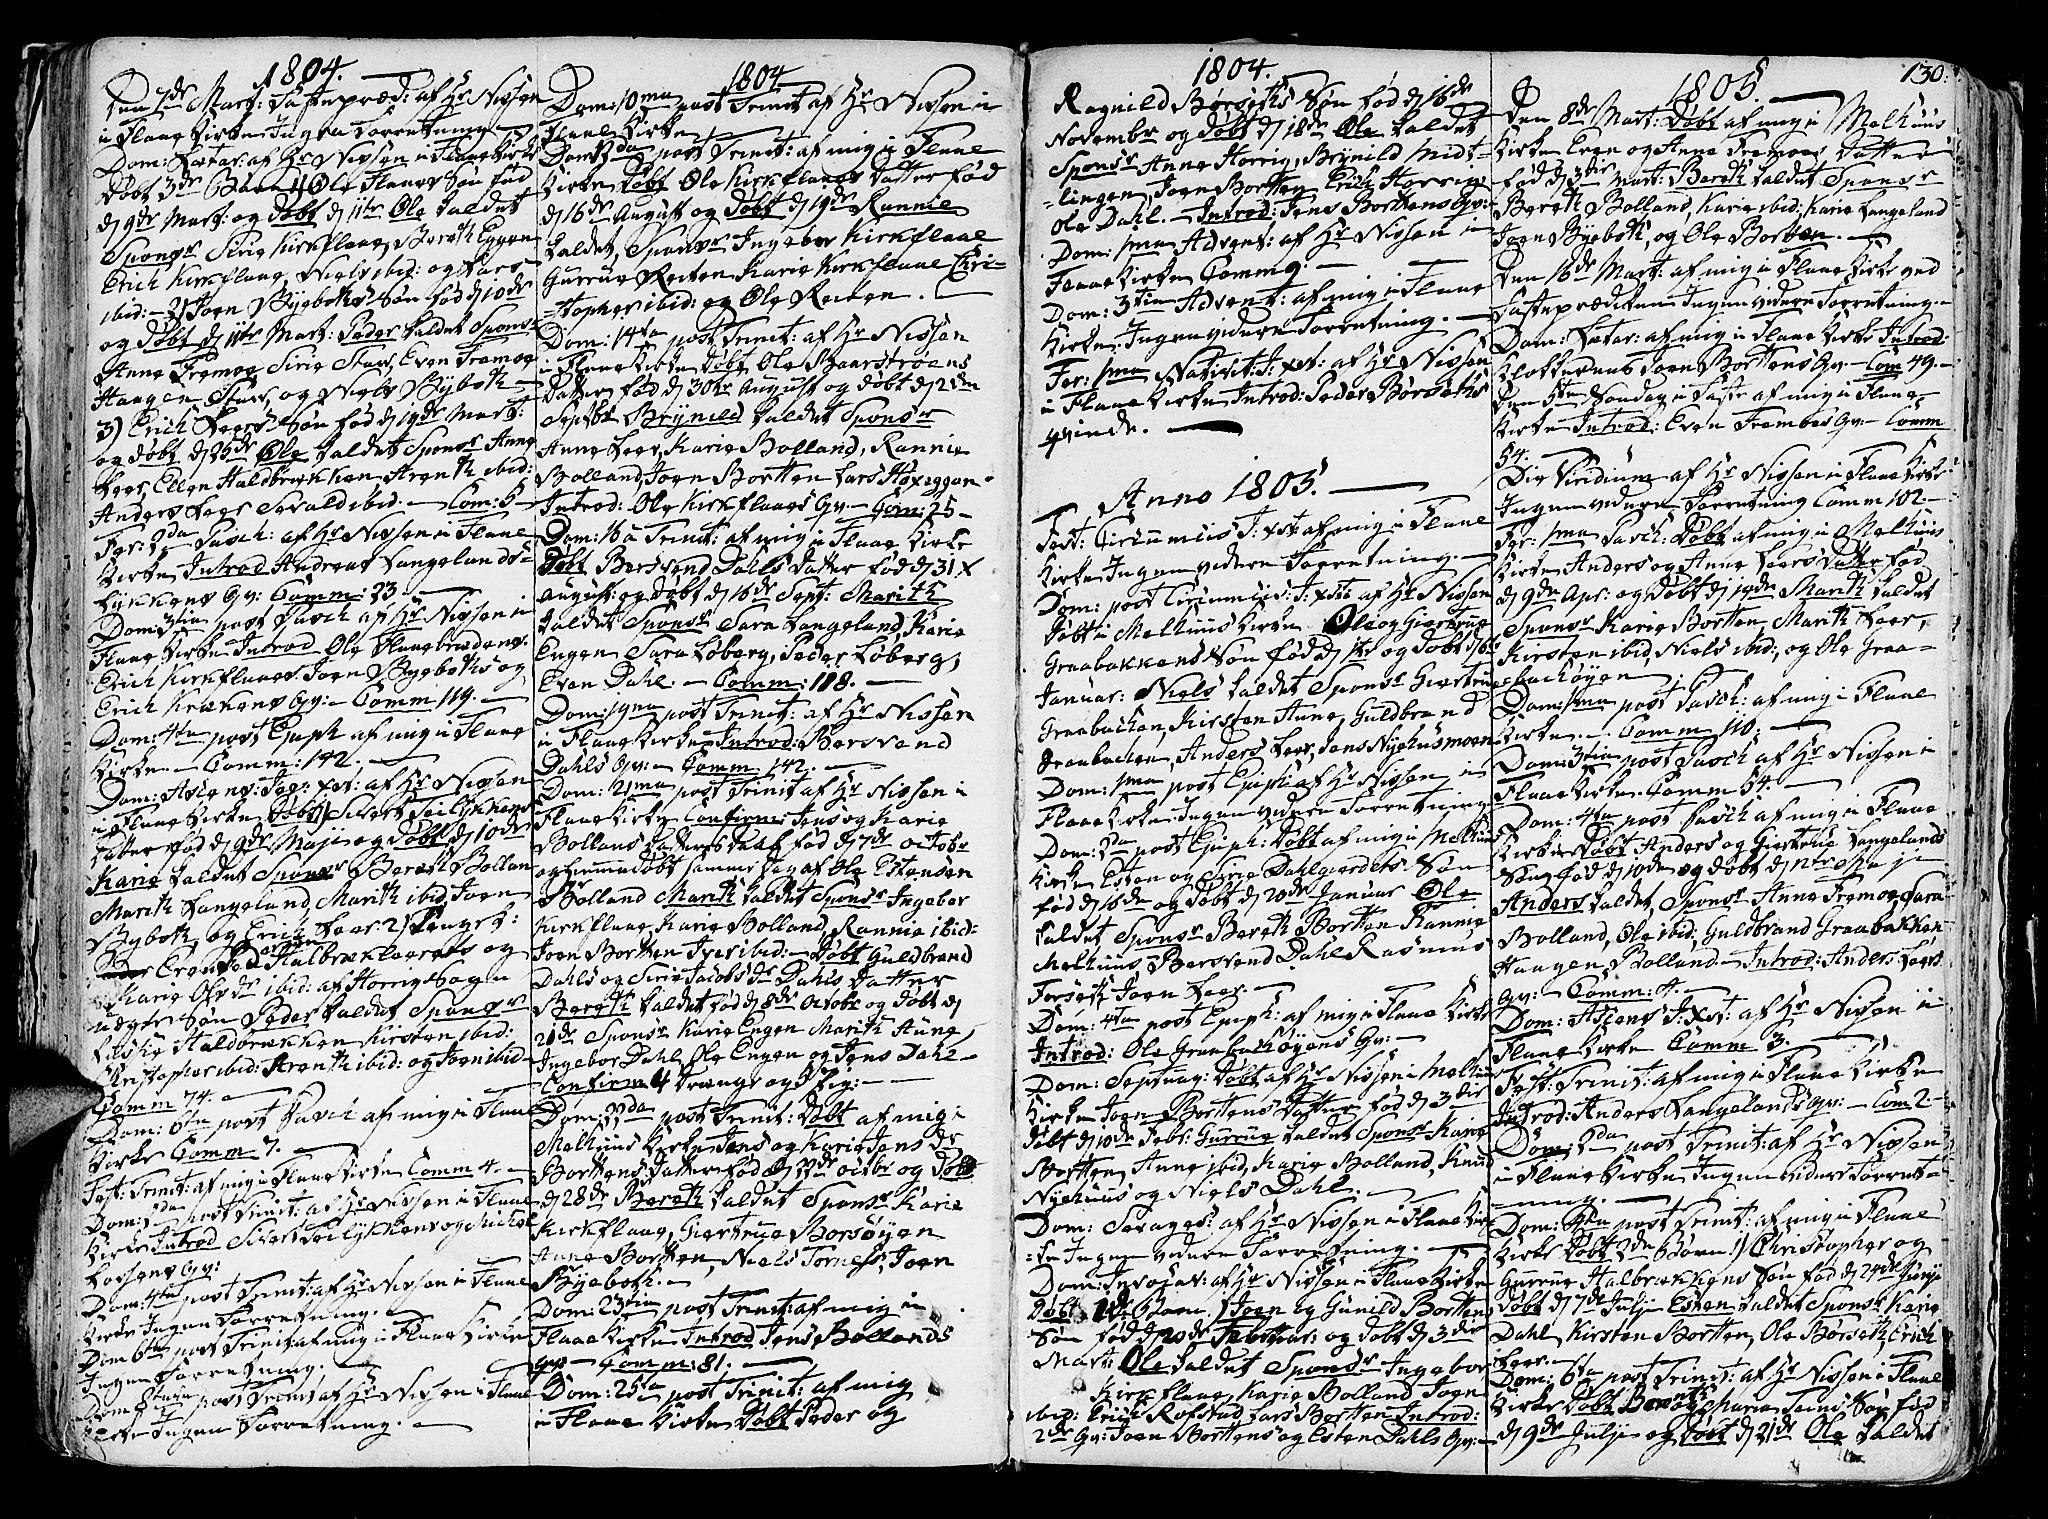 SAT, Ministerialprotokoller, klokkerbøker og fødselsregistre - Sør-Trøndelag, 691/L1062: Ministerialbok nr. 691A02 /2, 1768-1815, s. 130